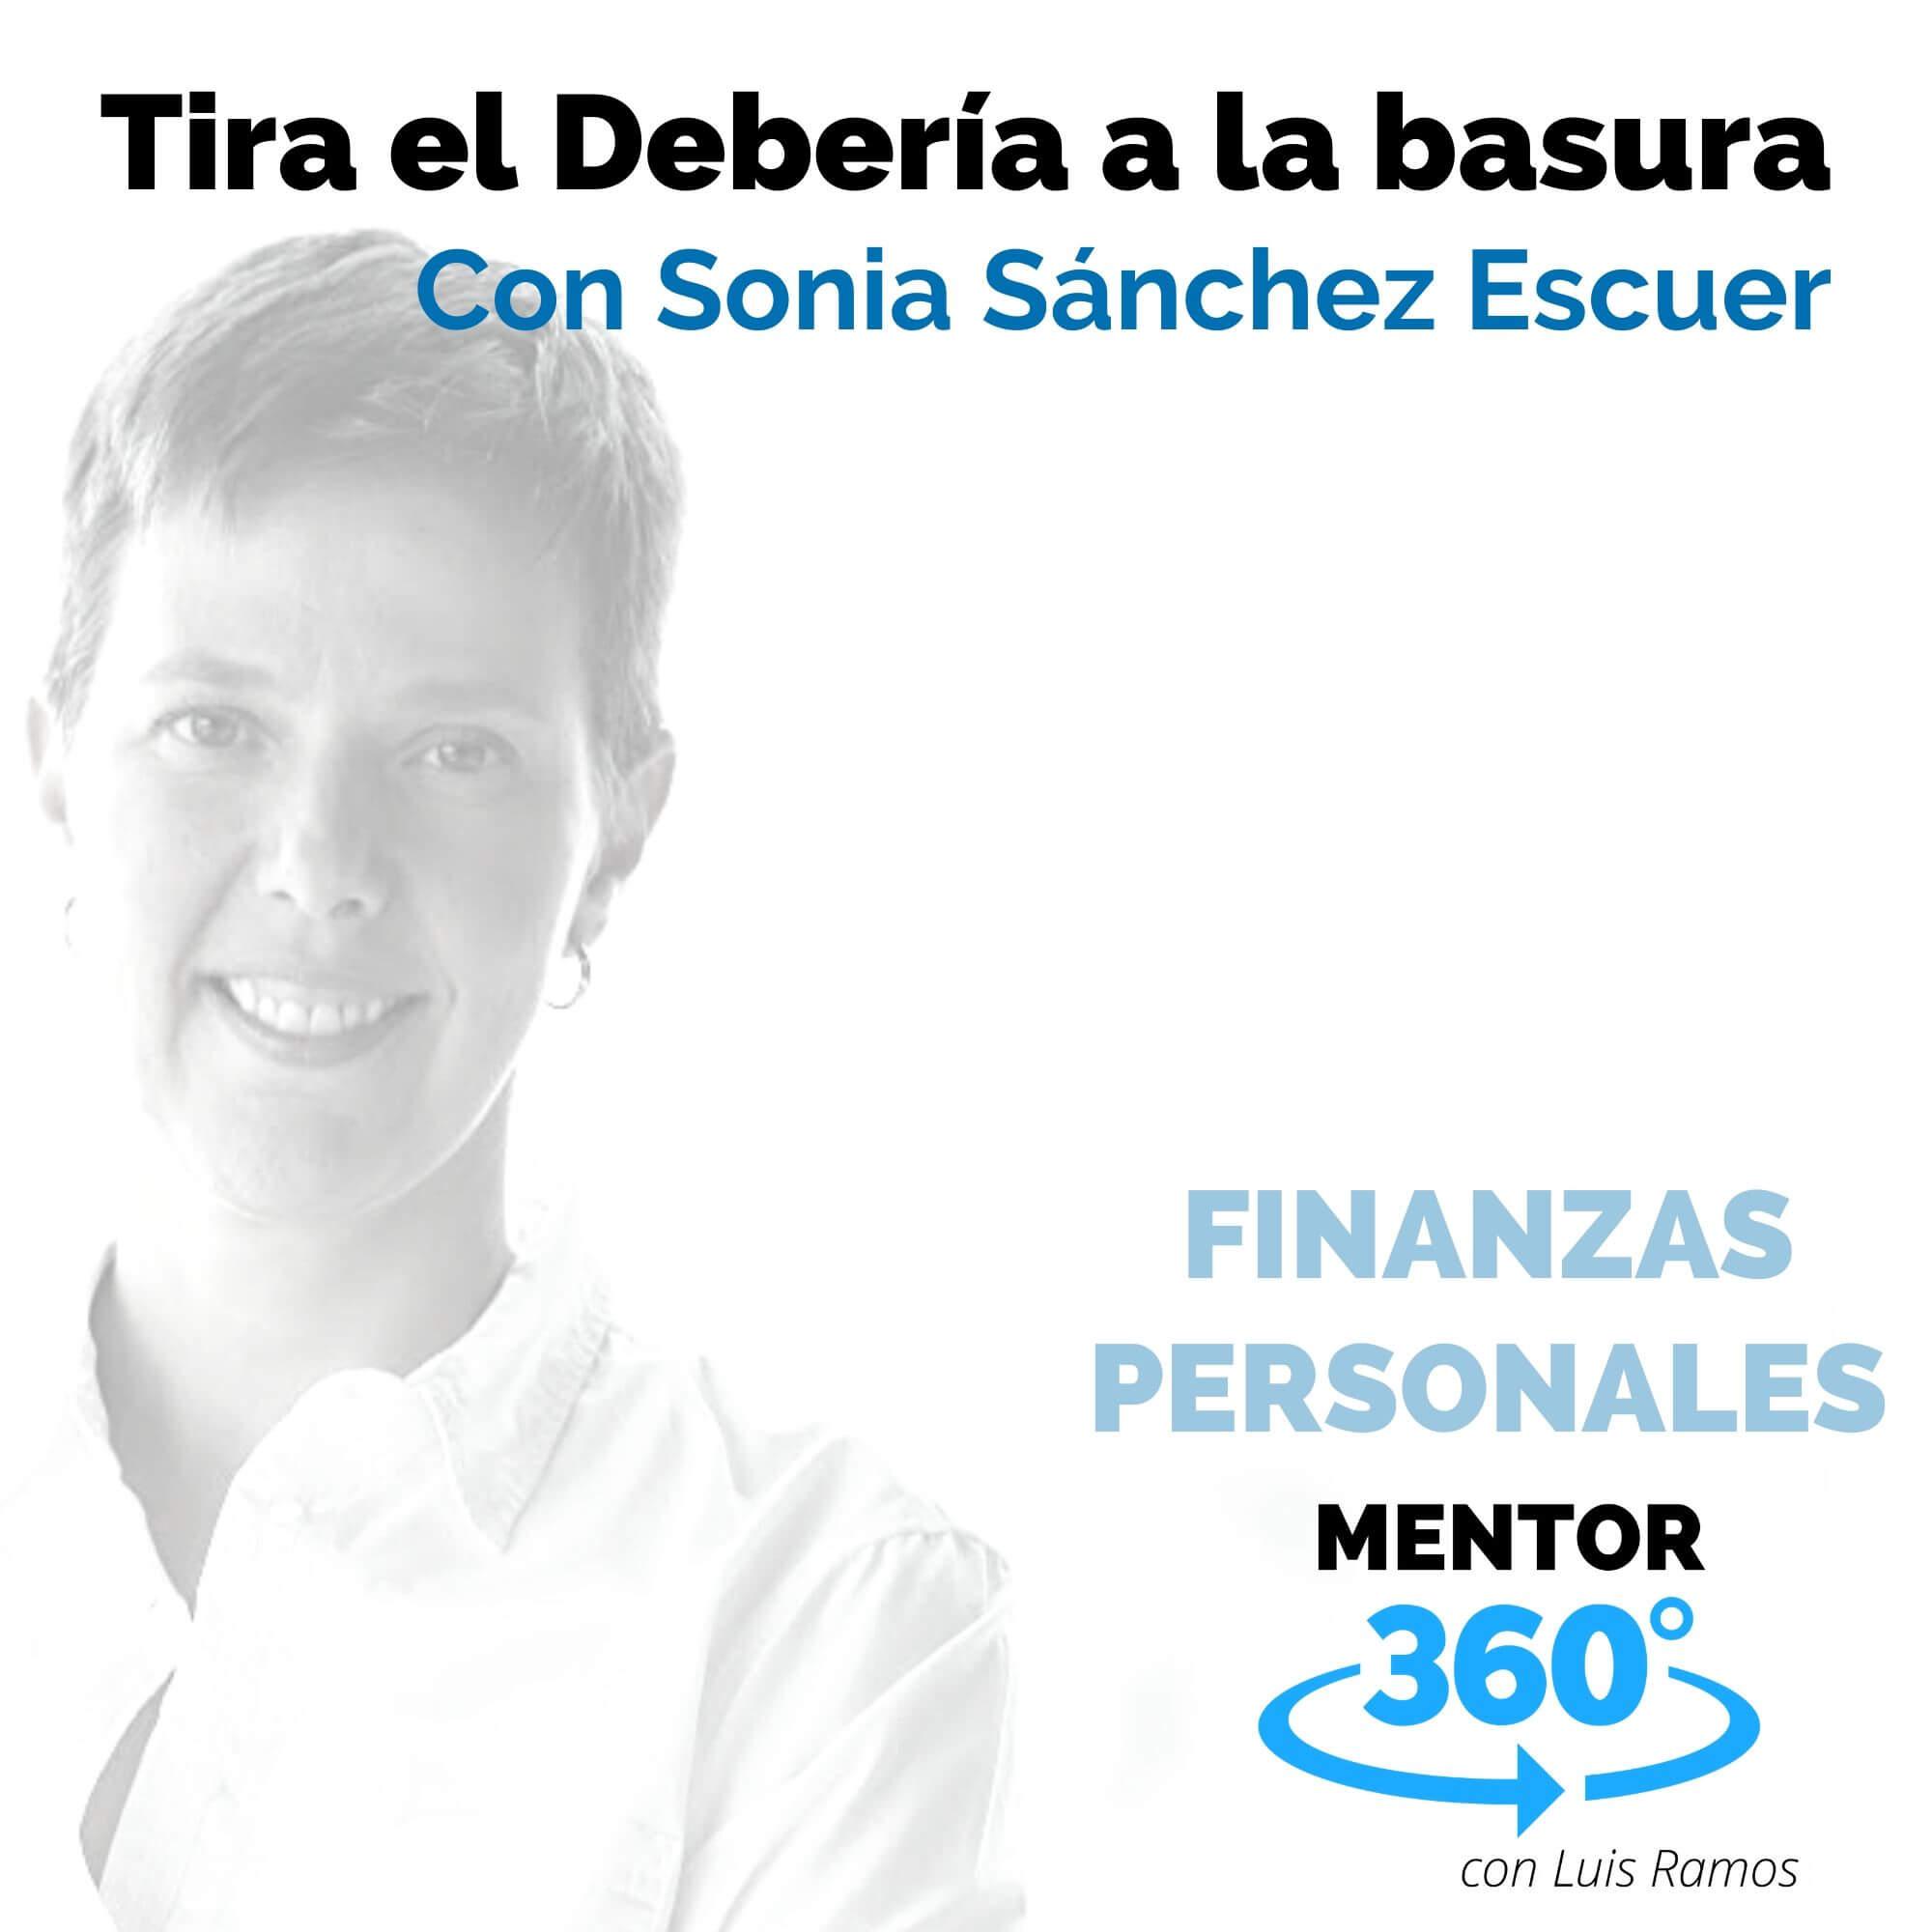 Tira el Debería a la basura, con Sonia Sánchez Escuer - FINANZAS PERSONALES